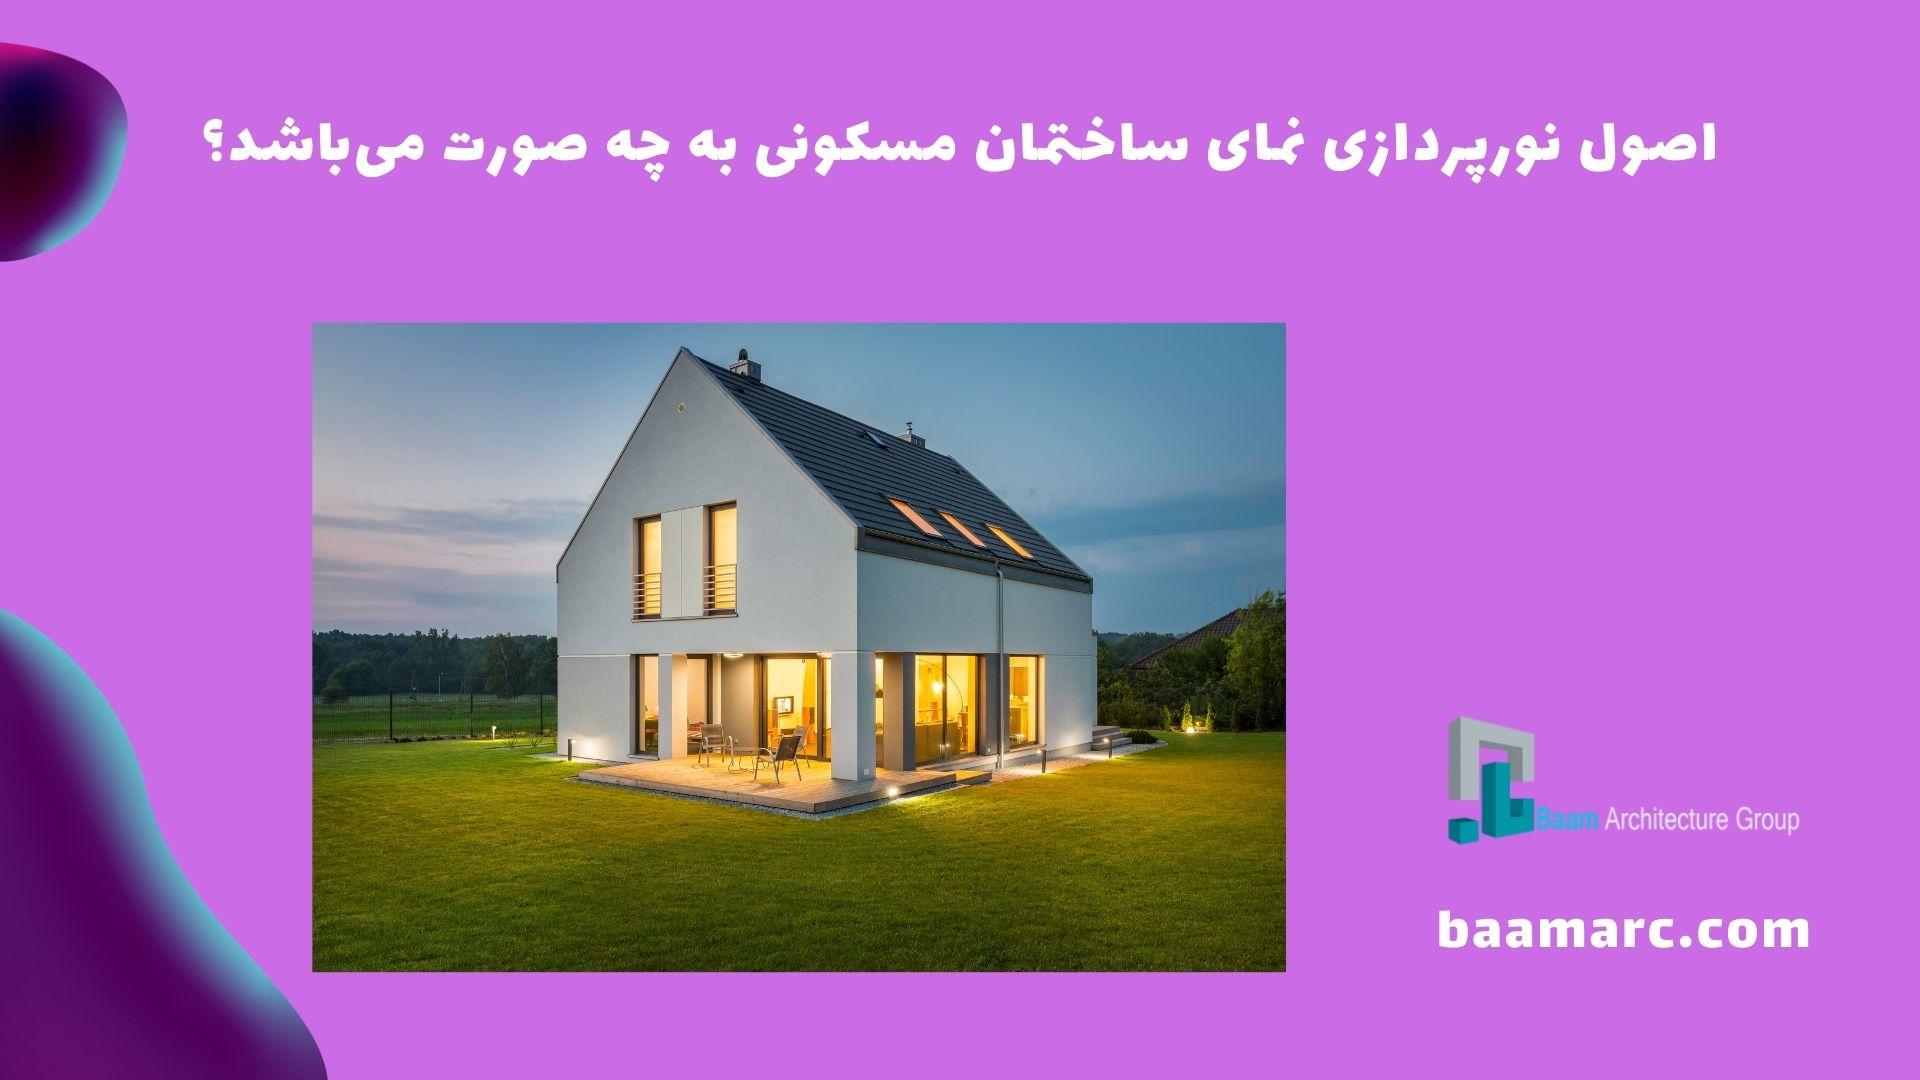 اصول نورپردازی نمای ساختمان مسکونی به چه صورت می باشد؟